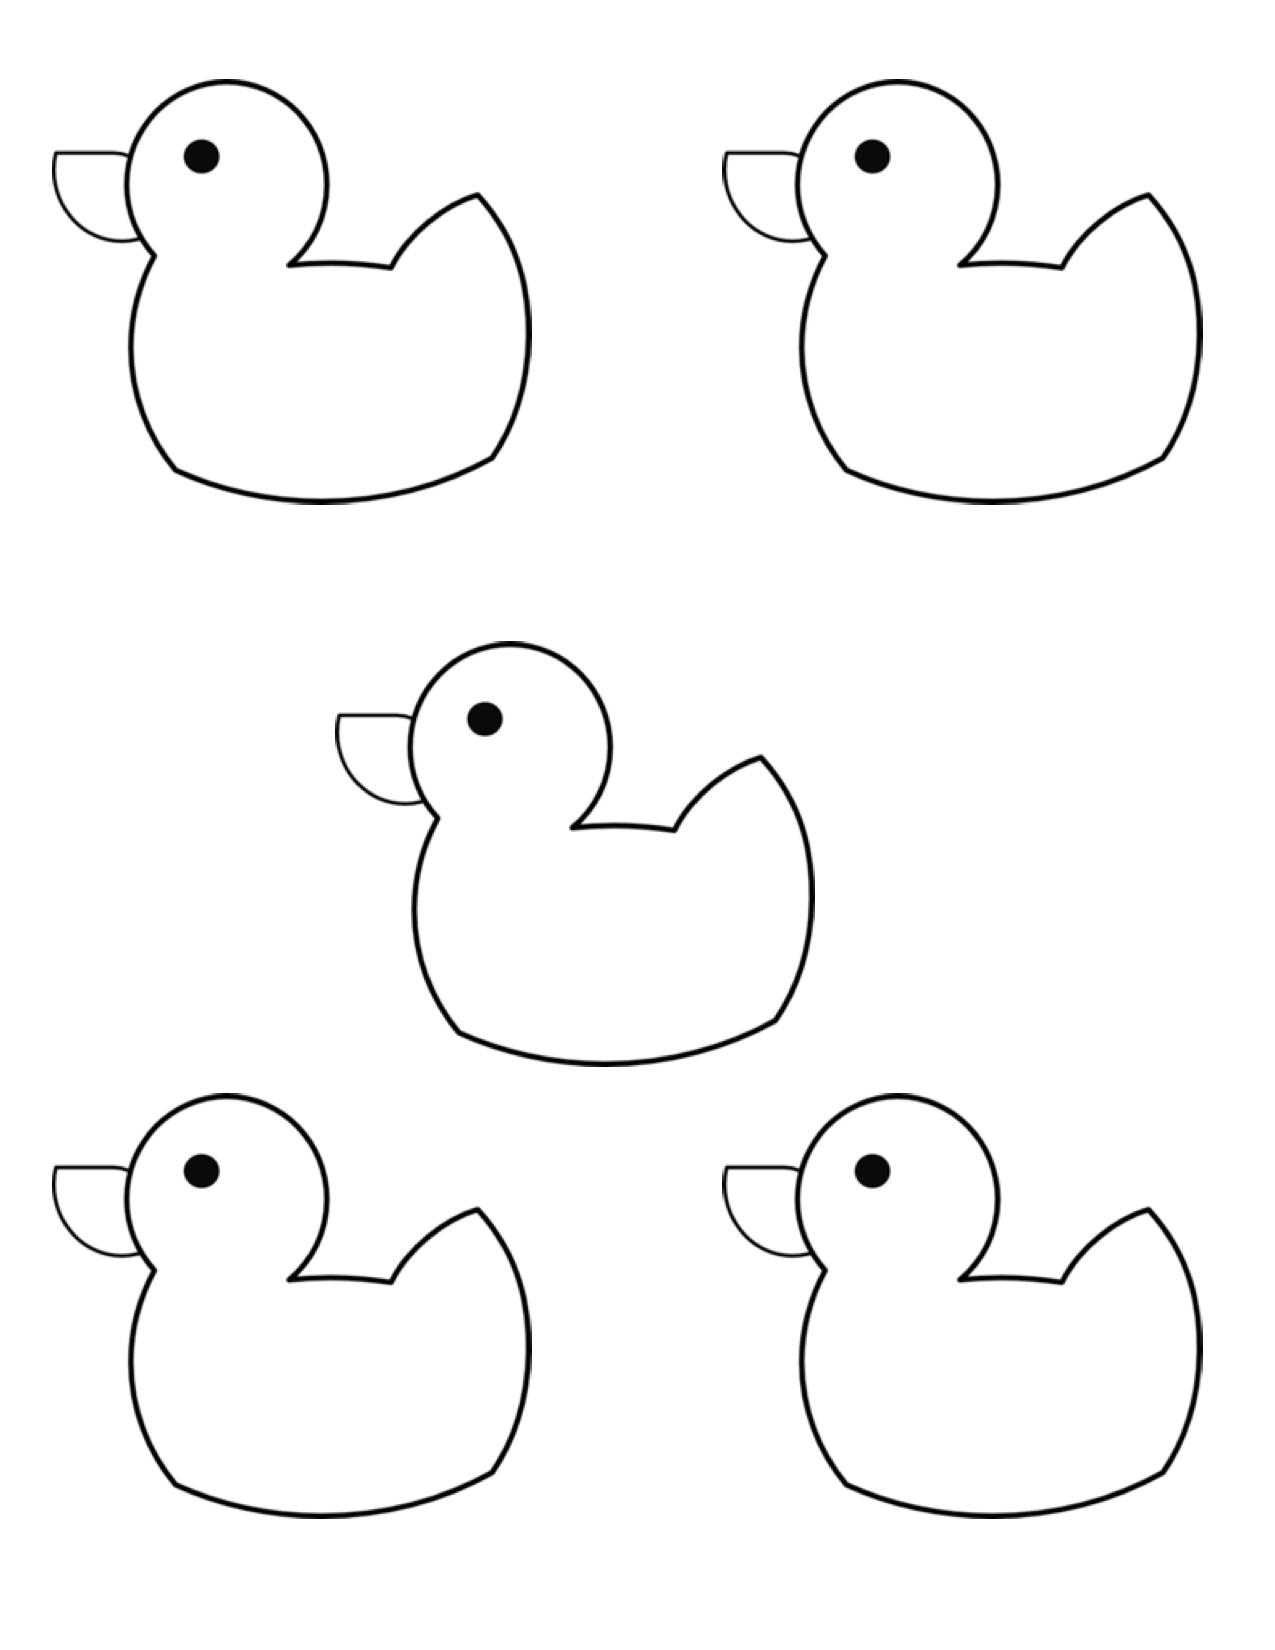 Ducks clipart 5 duck.  little rubber kindergarten